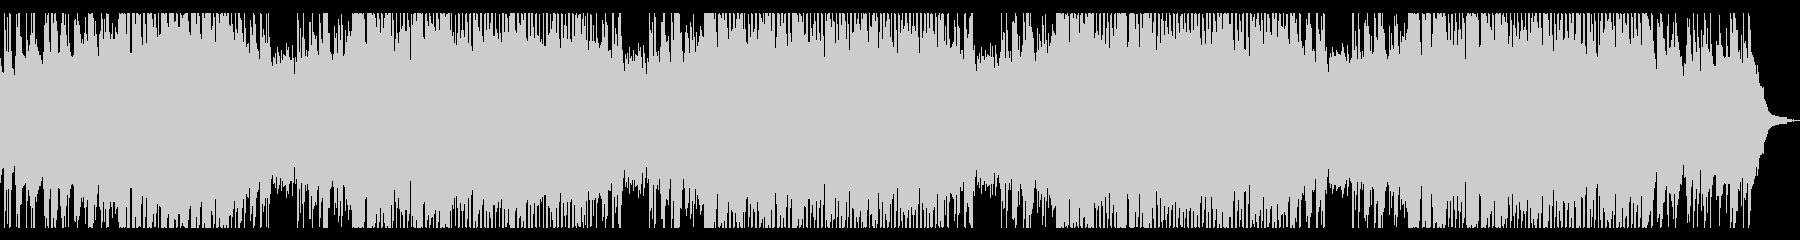 ピアノとバイオリンのアンビエント ロングの未再生の波形